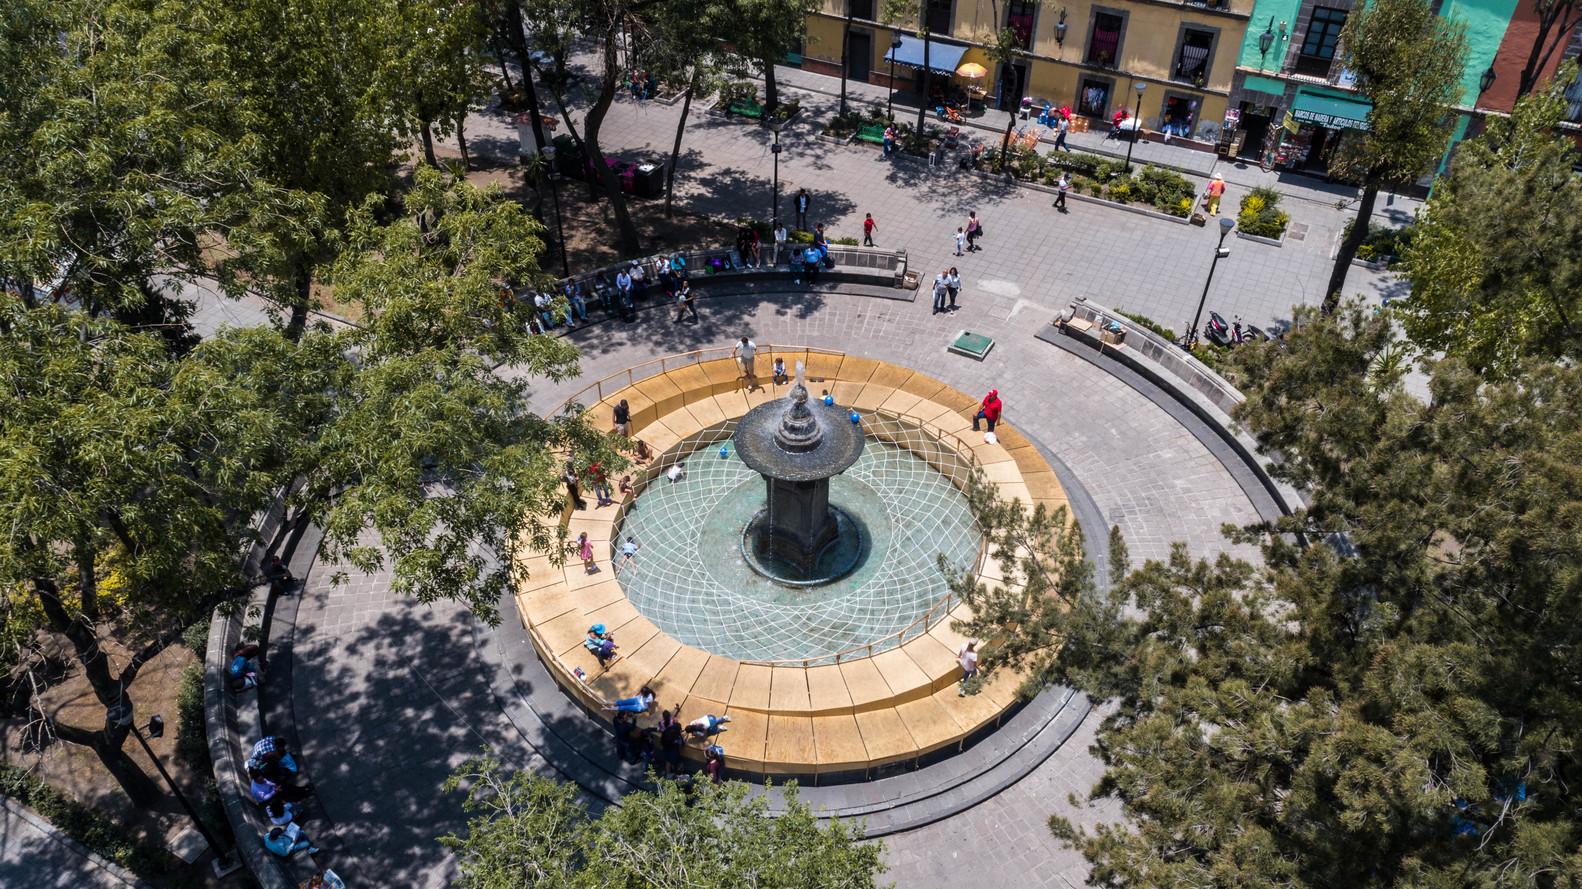 vista de la plaza donde se encuentra la fuente